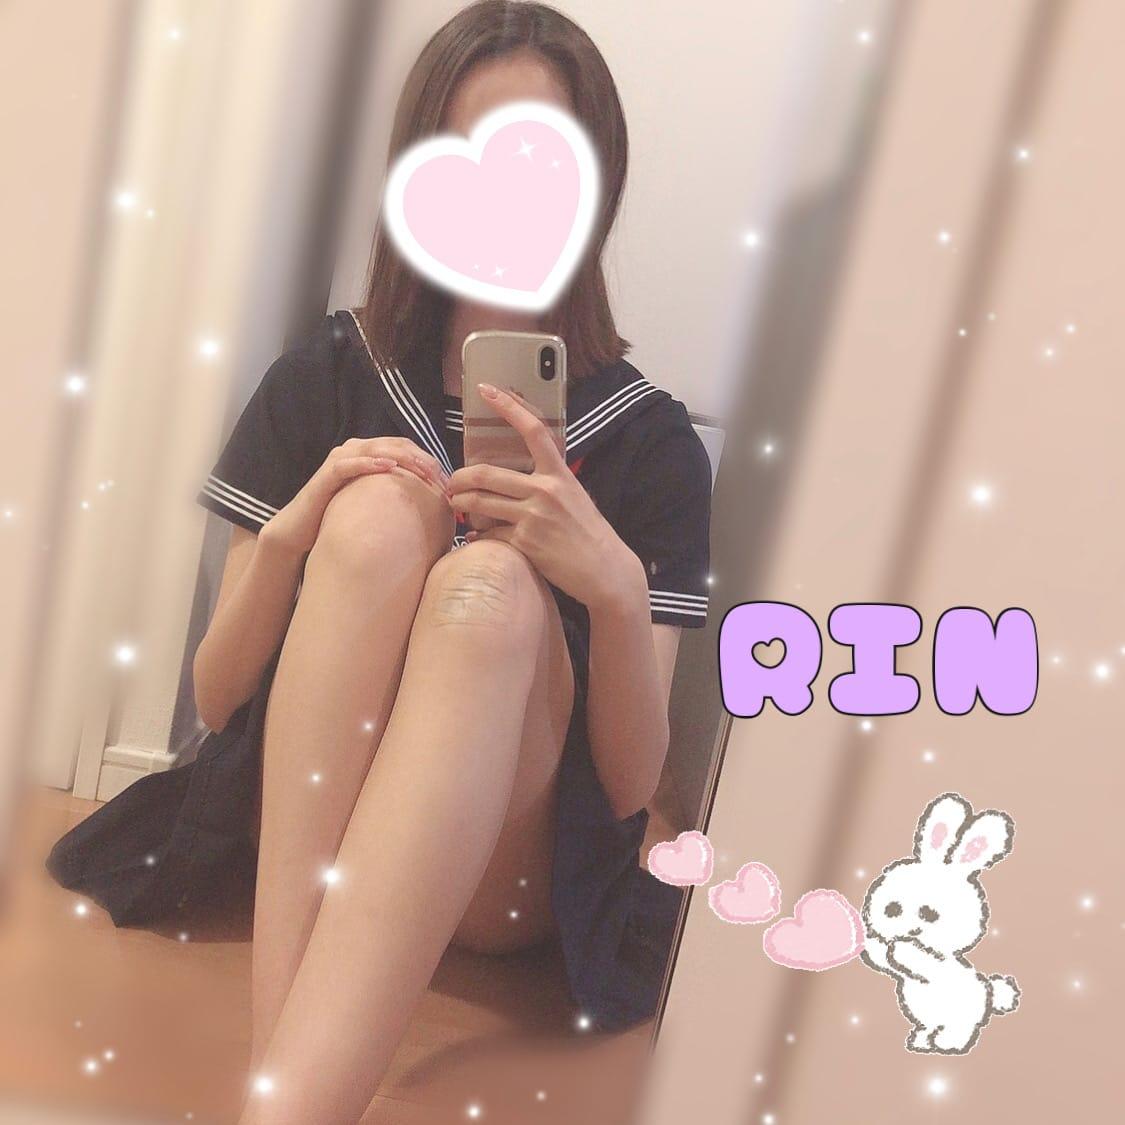 「お礼♡」04/14(04/14) 16:01 | りん【新人割引】の写メ・風俗動画